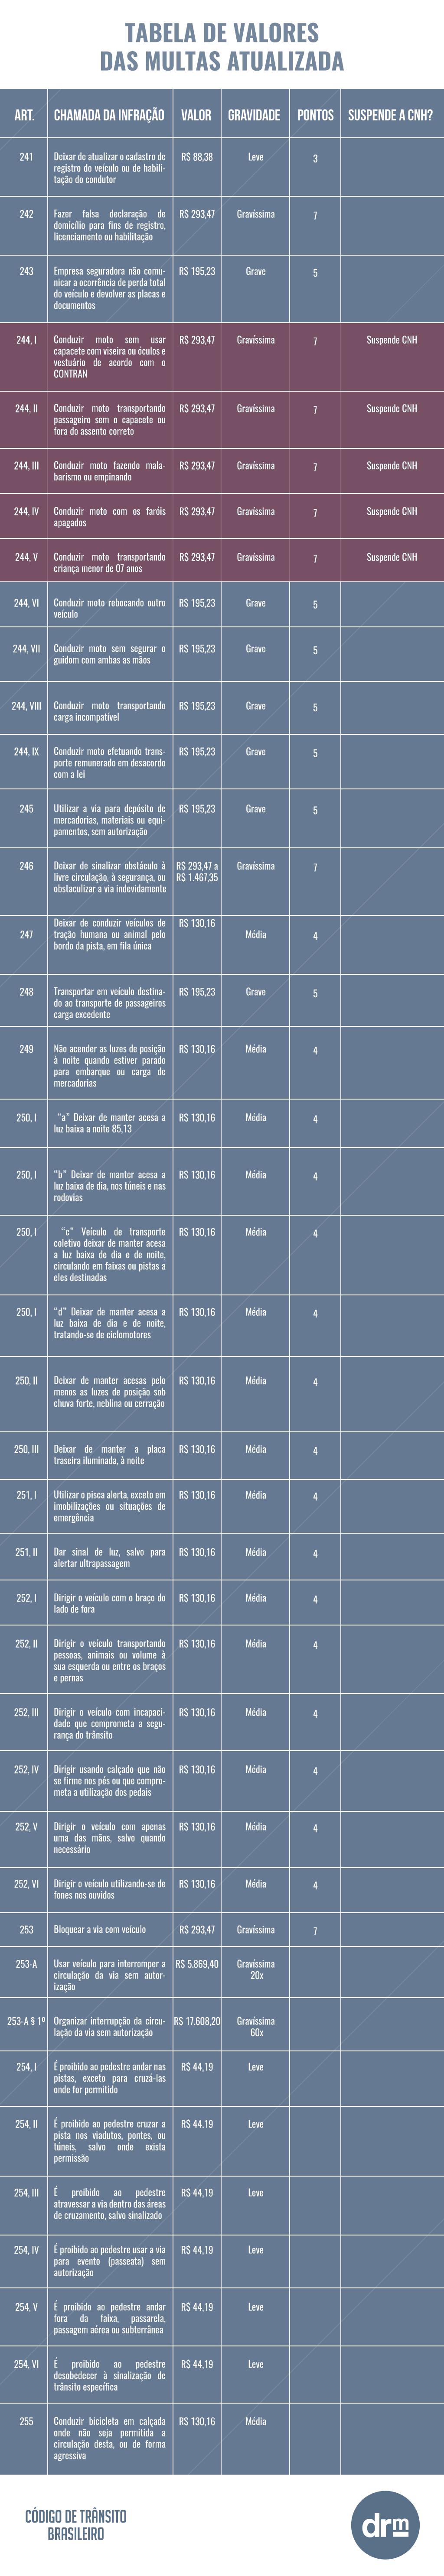 Tabela de multas atualizada - parte 4